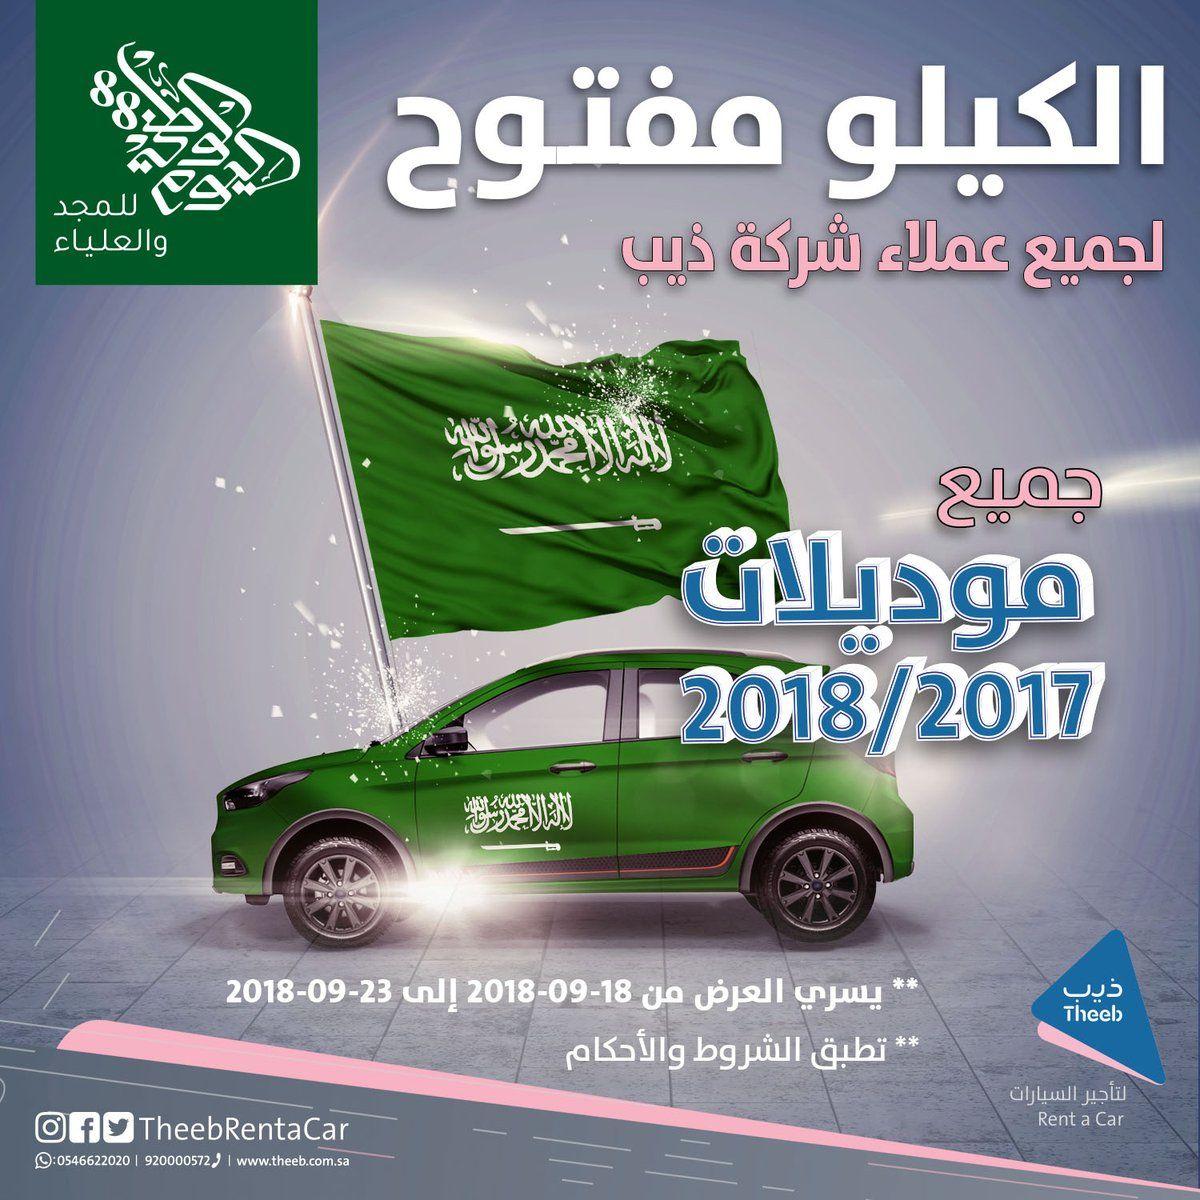 عروض اليوم الوطنى ٨٨ عروض ذيب لتاجير السيارات Https Www 3orod Today Cars Offers Theebrentacar Html Car Toy Car Rent